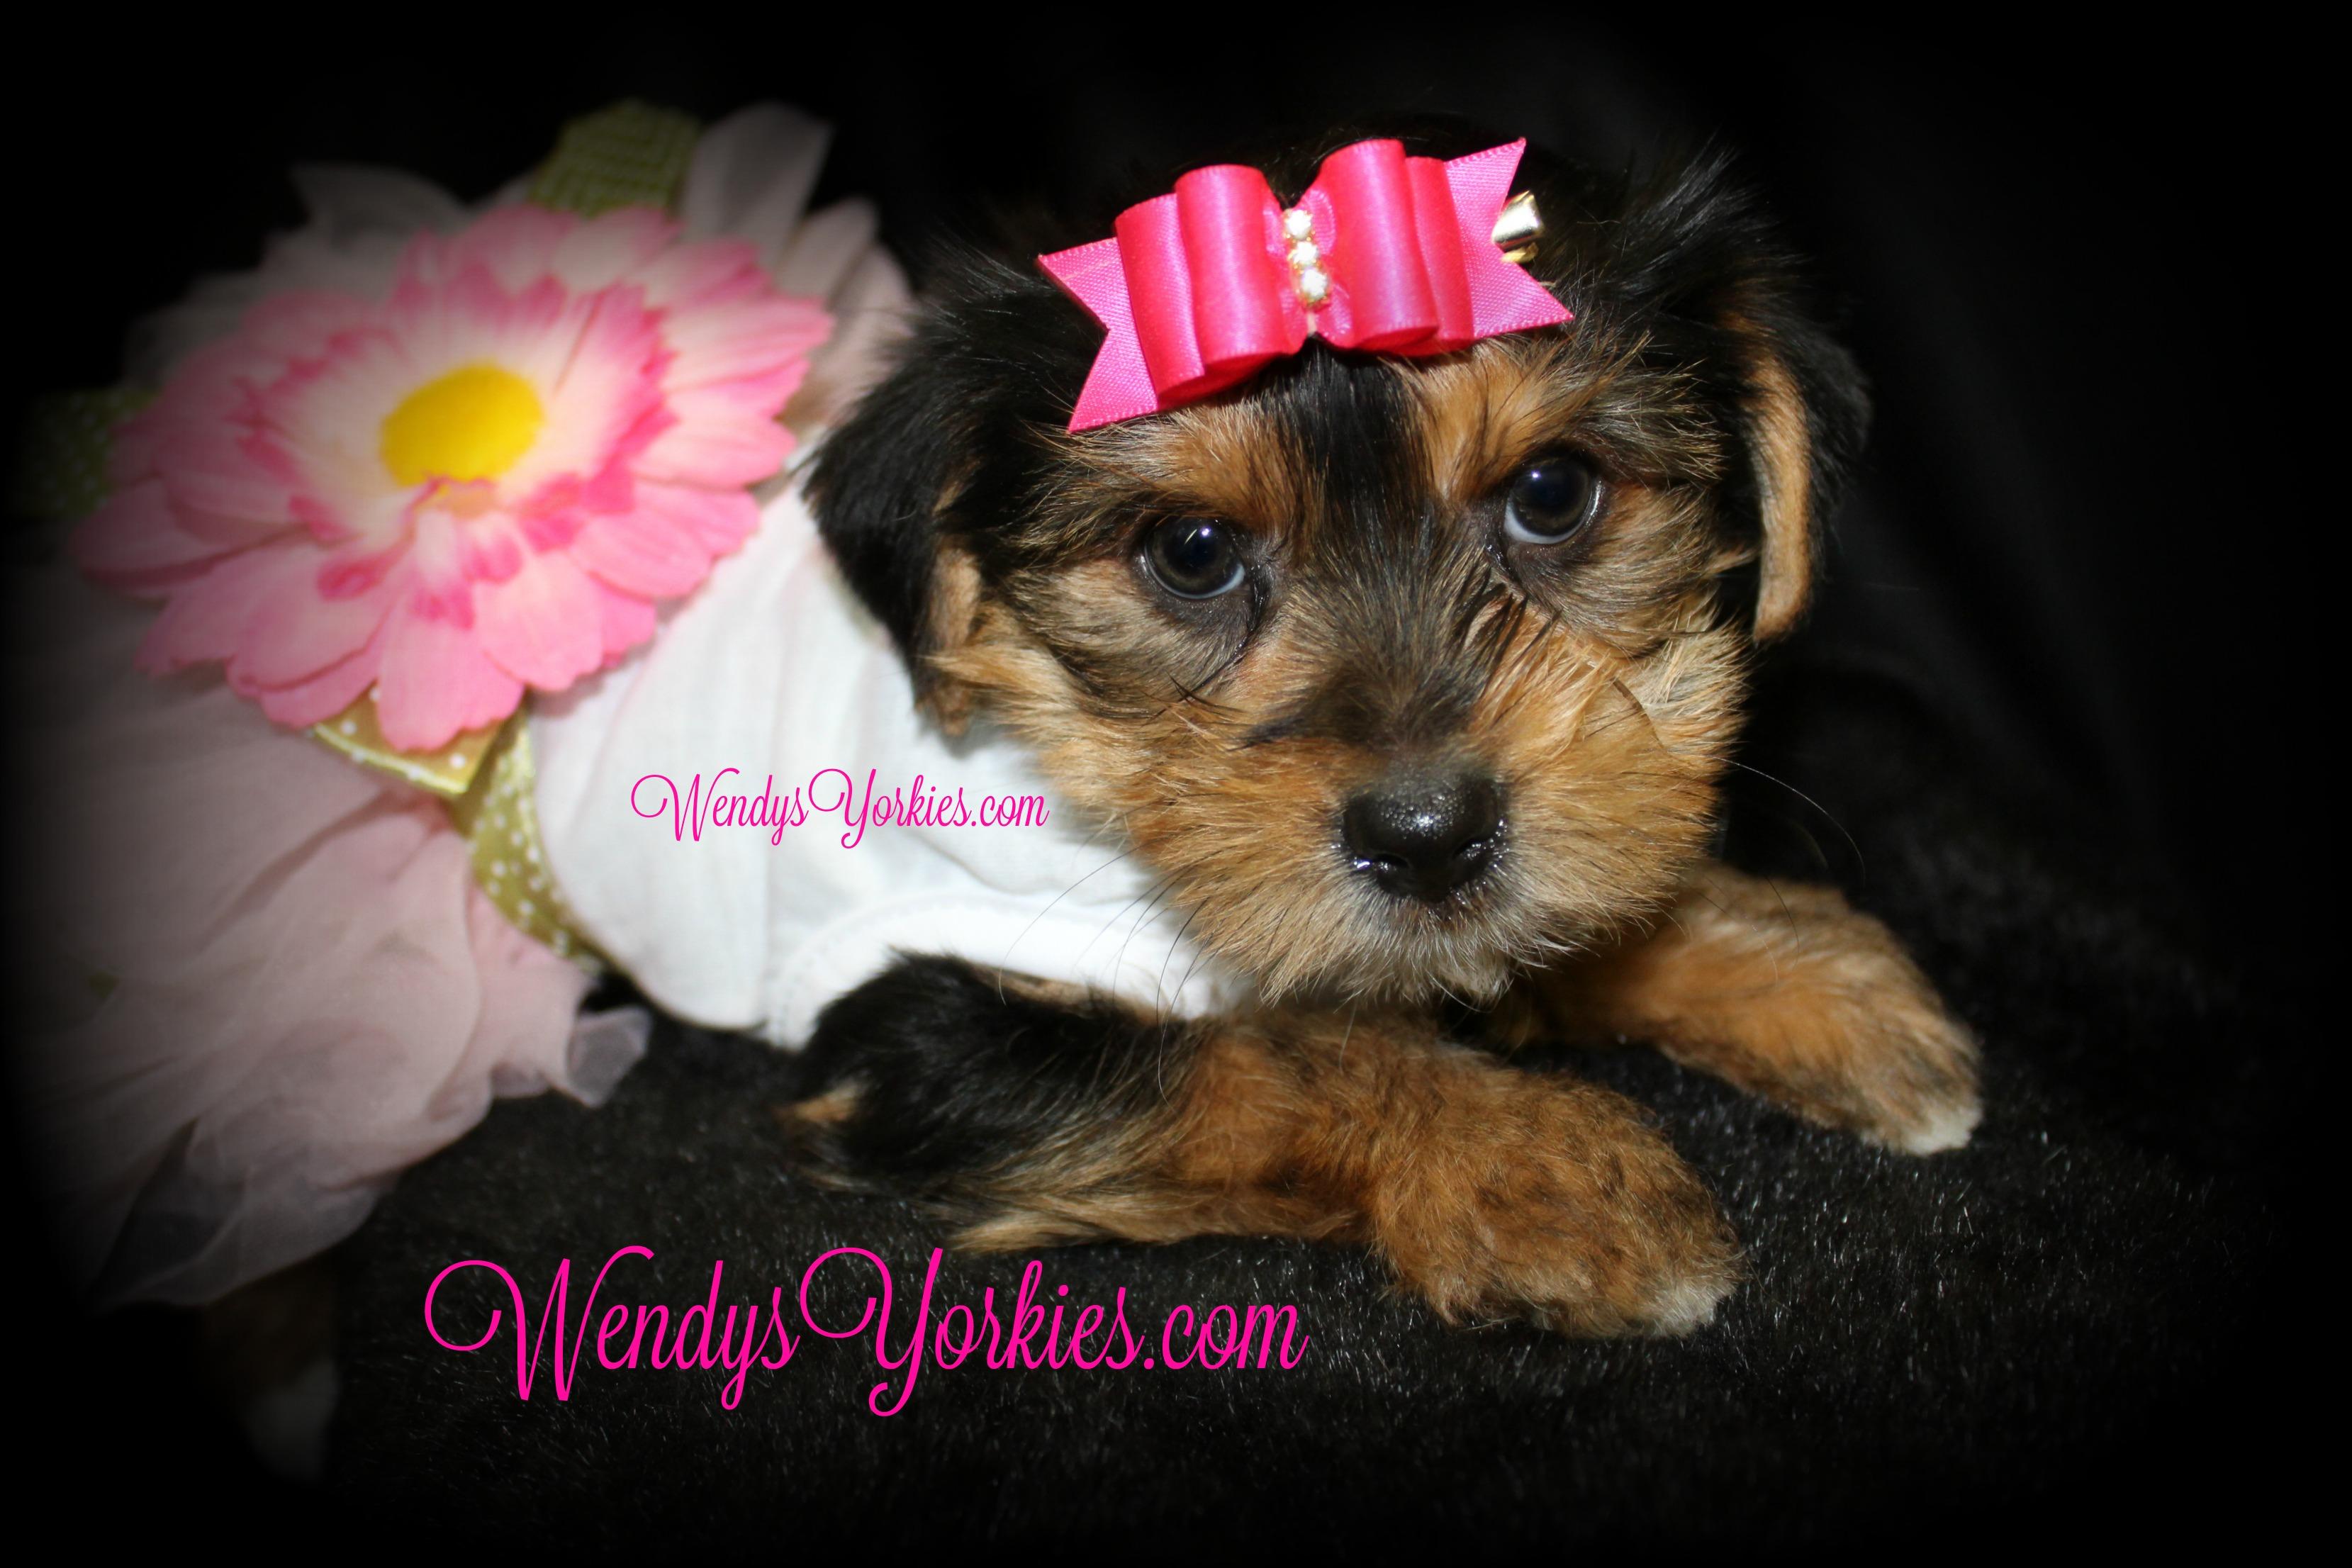 Cute Yorkie puppies for sale, WendysYorkies.com, Penny